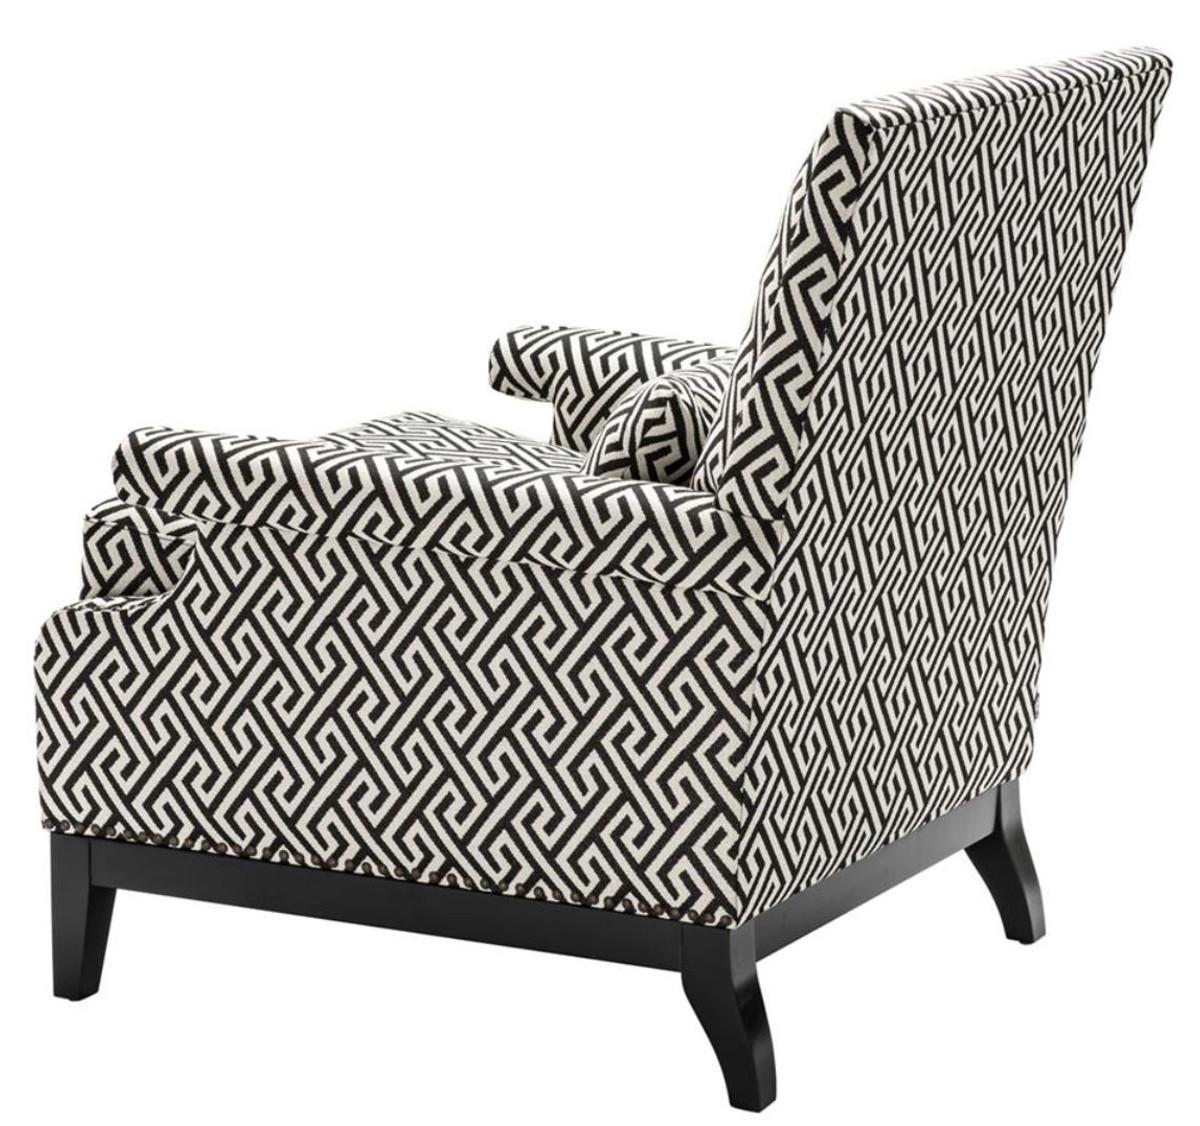 Casa Padrino Luxus Sessel Schwarz Weiß 75 X 85 X H 93 Cm Hotel